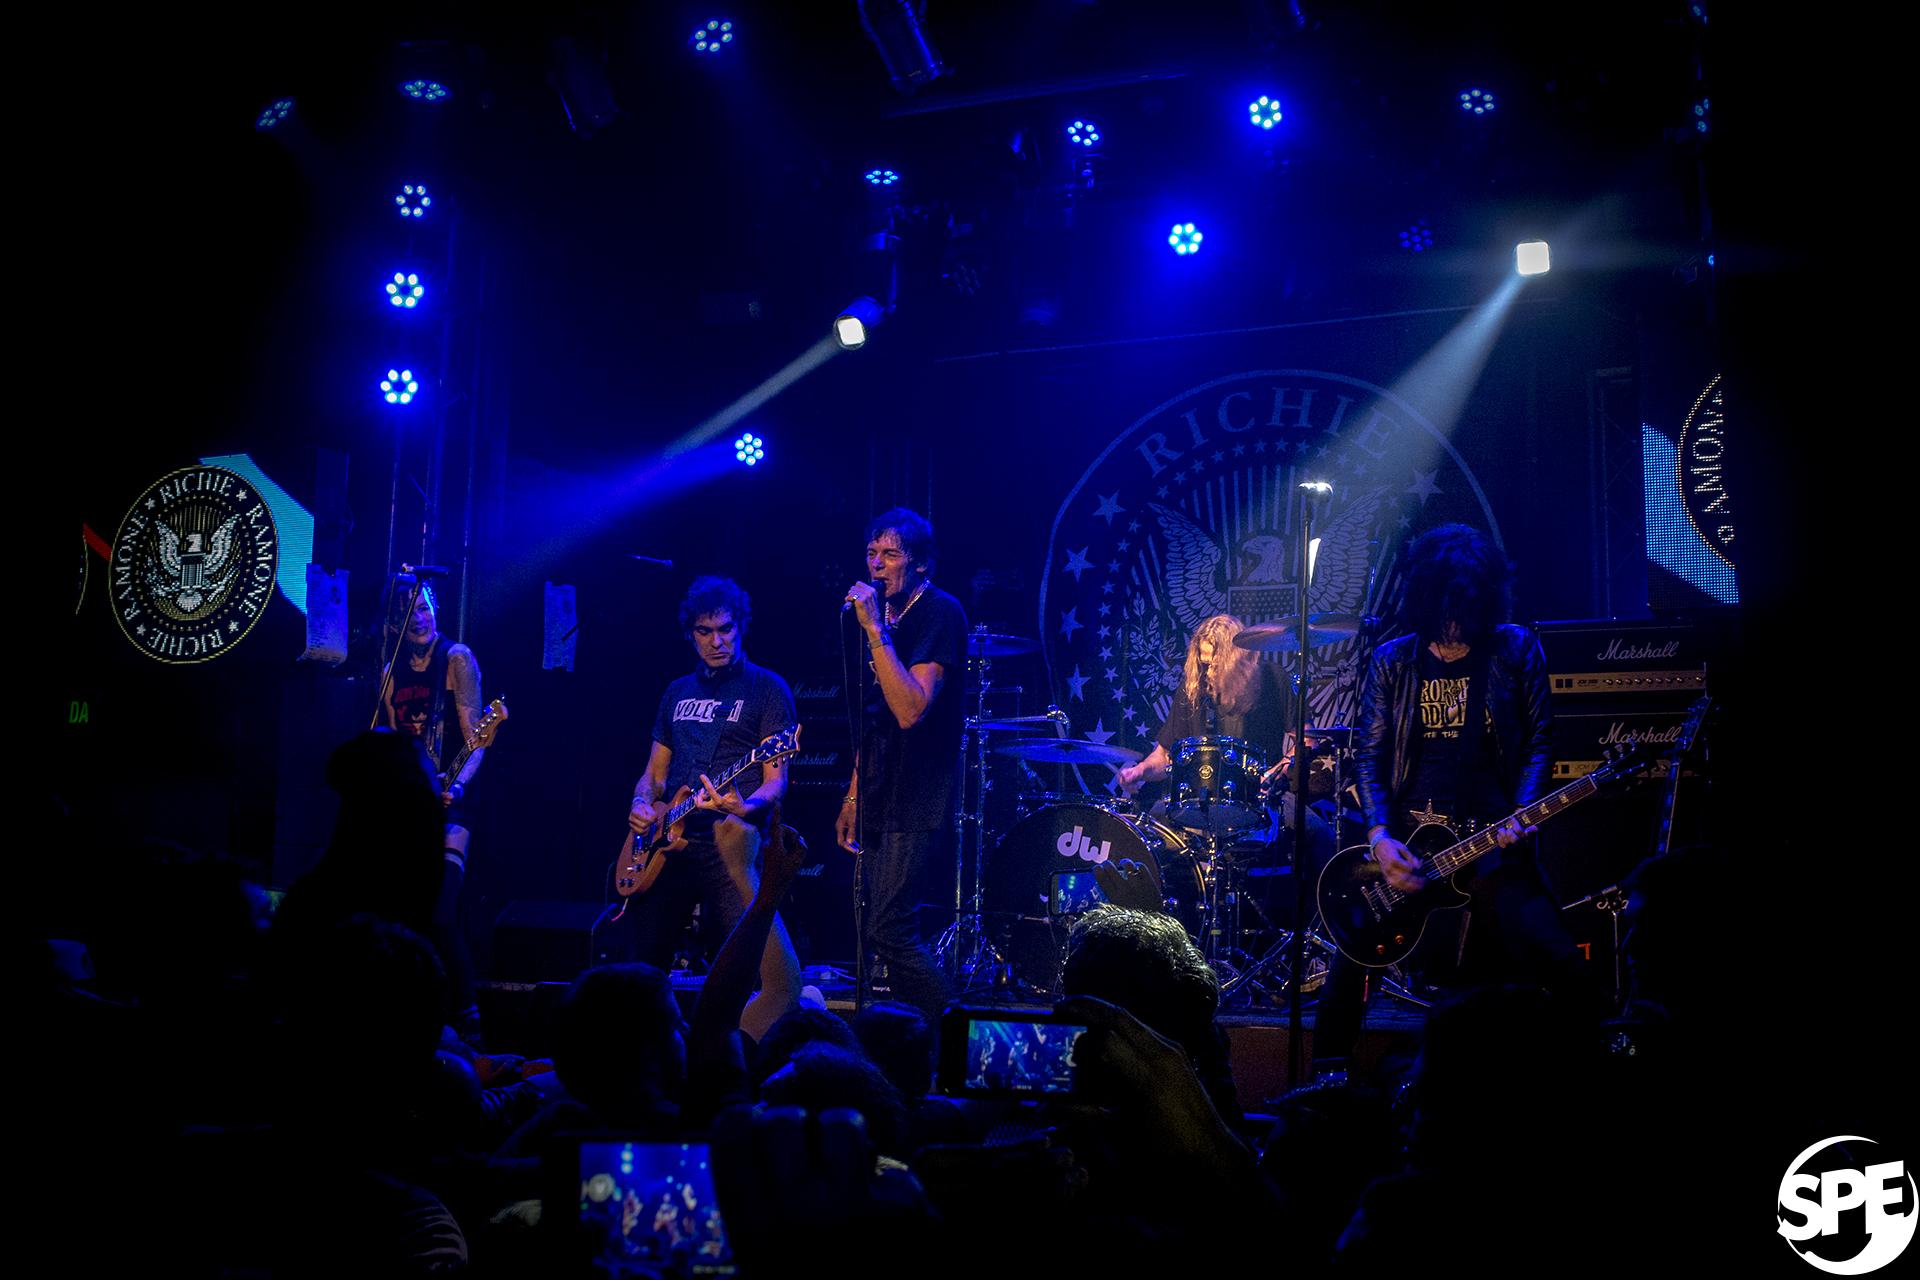 Richie-Ramone-Uniclub-02-05-18-Natalia-Vidal-Solo-Para-Entendidos_643.jpg